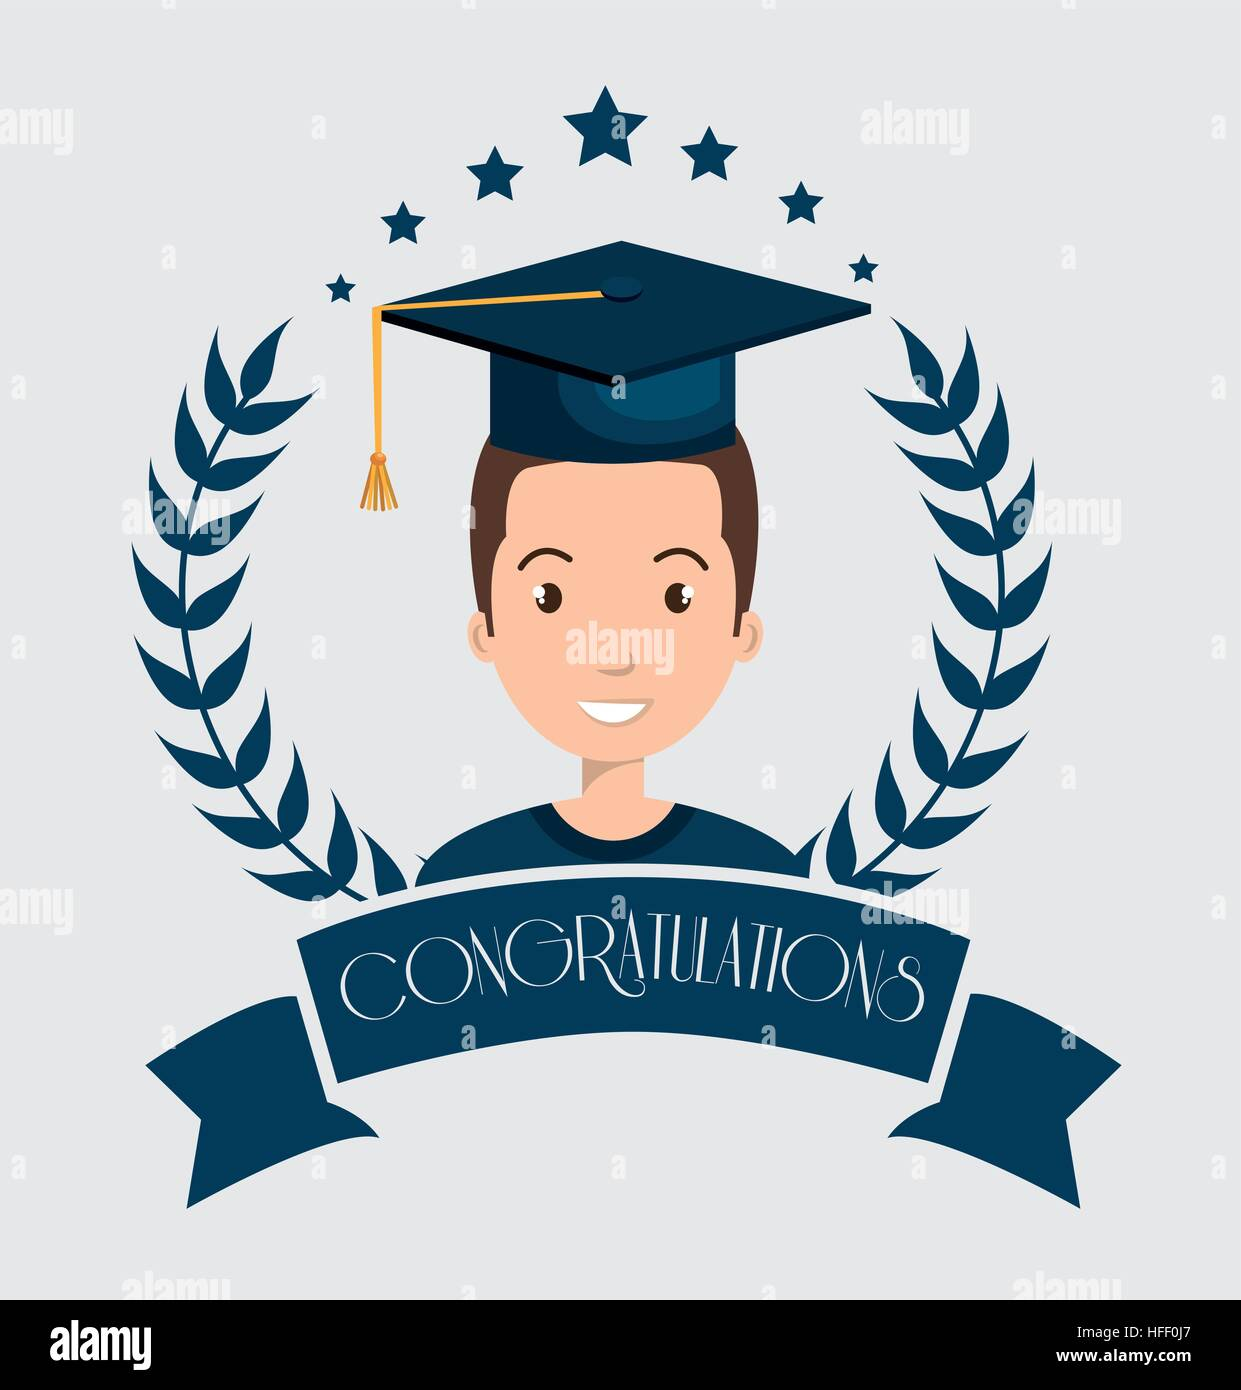 Graduation Card Stock Photos Graduation Card Stock Images Alamy